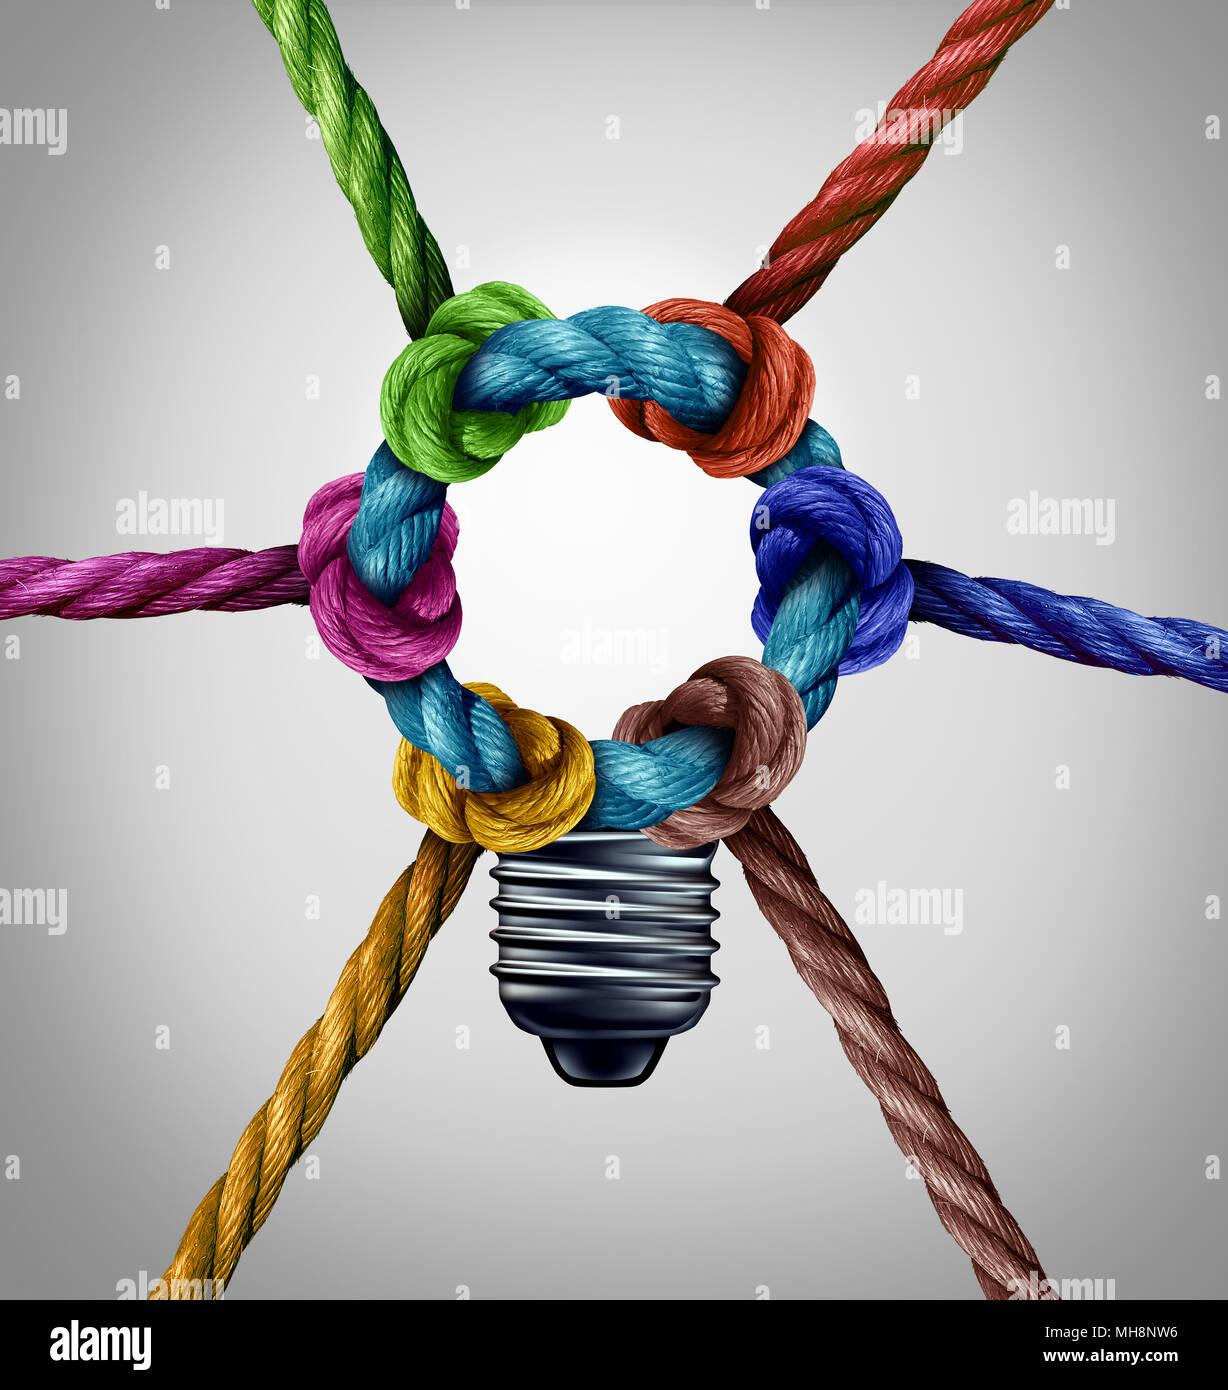 Concept central de la créativité en tant que groupe d'inspiration idée connexion aussi divers cordes attachées ensemble comme un symbole de l'équipe avec 3D illustration éléments. Banque D'Images